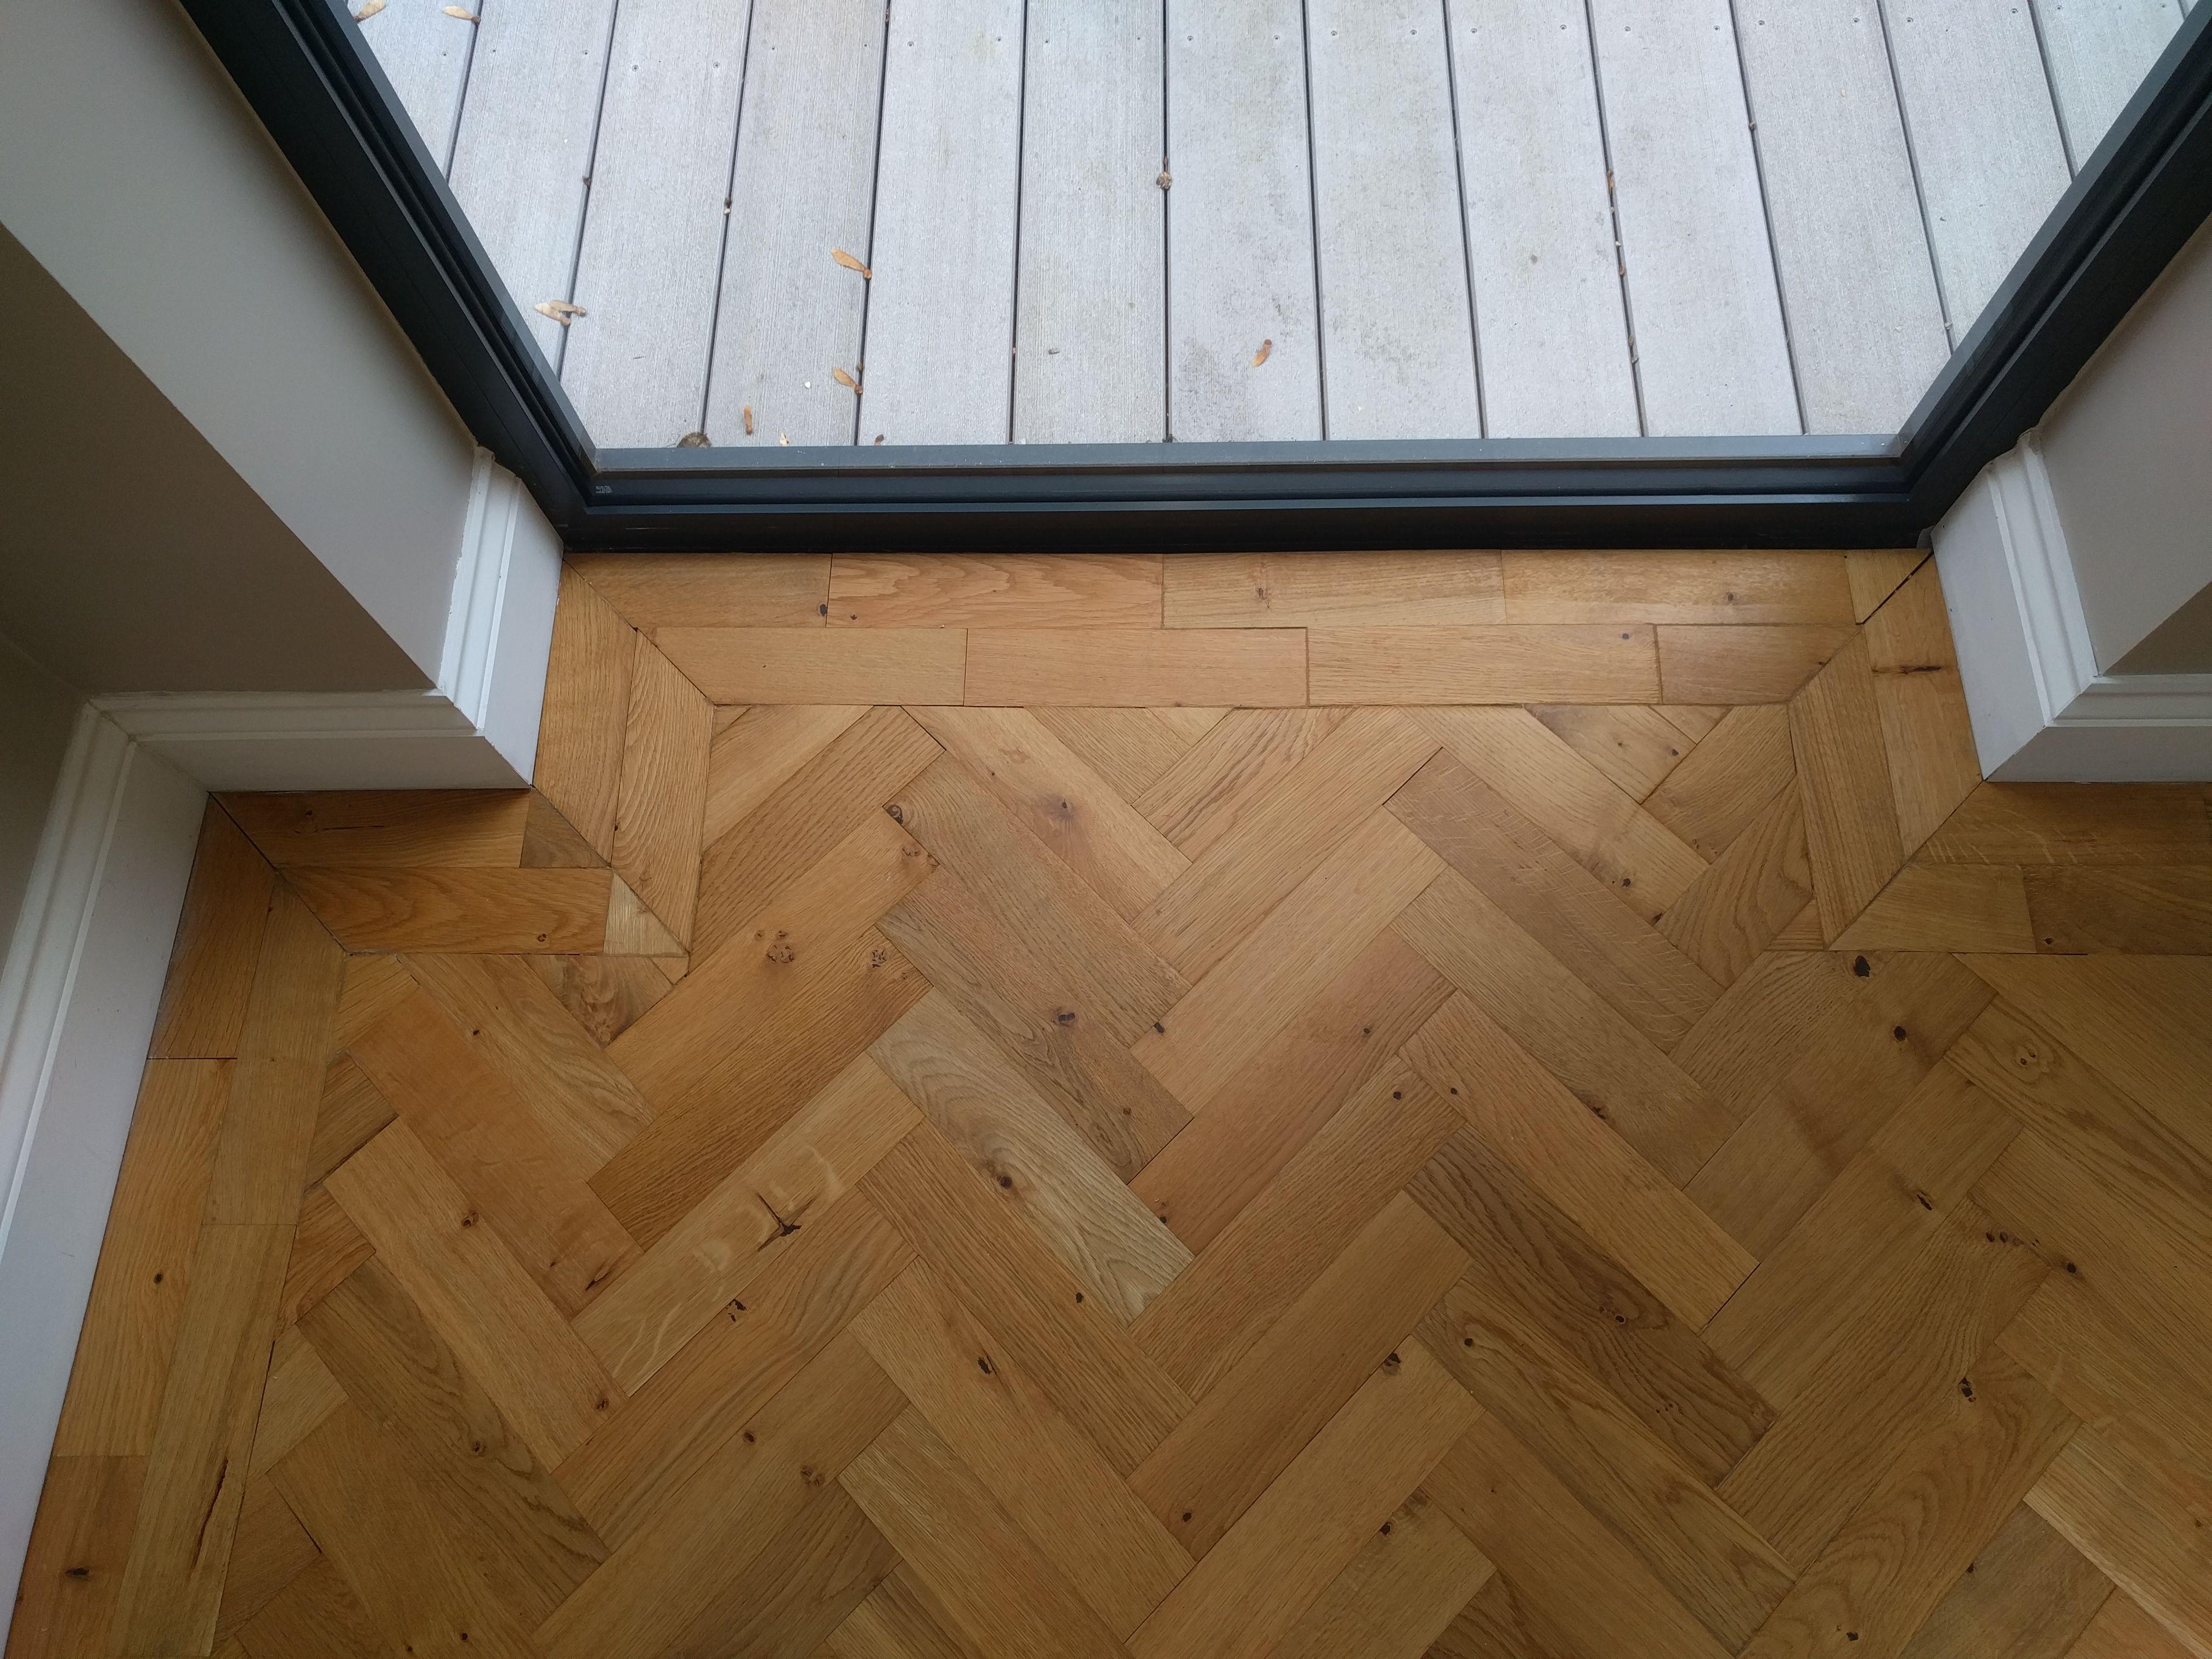 We Fitted This Oak Parquet In A Classic Herringbone Design